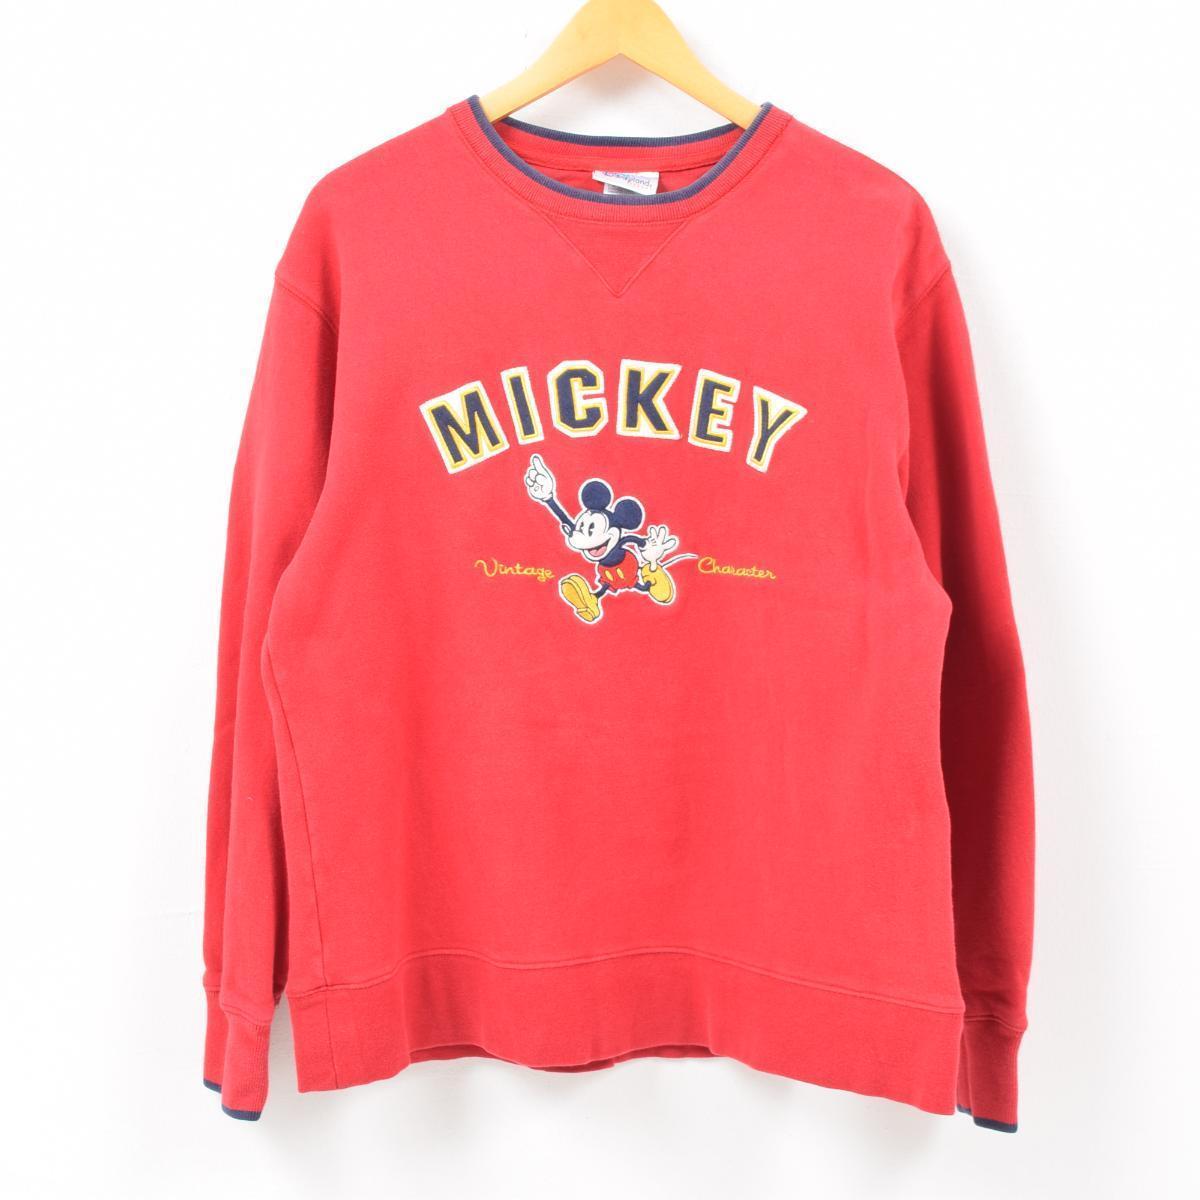 DISNEYLAND RESORT MICKEY MOUSE ミッキーマウス キャラクタースウェットシャツ トレーナー レディースL /wbc5863 【中古】 【190322】